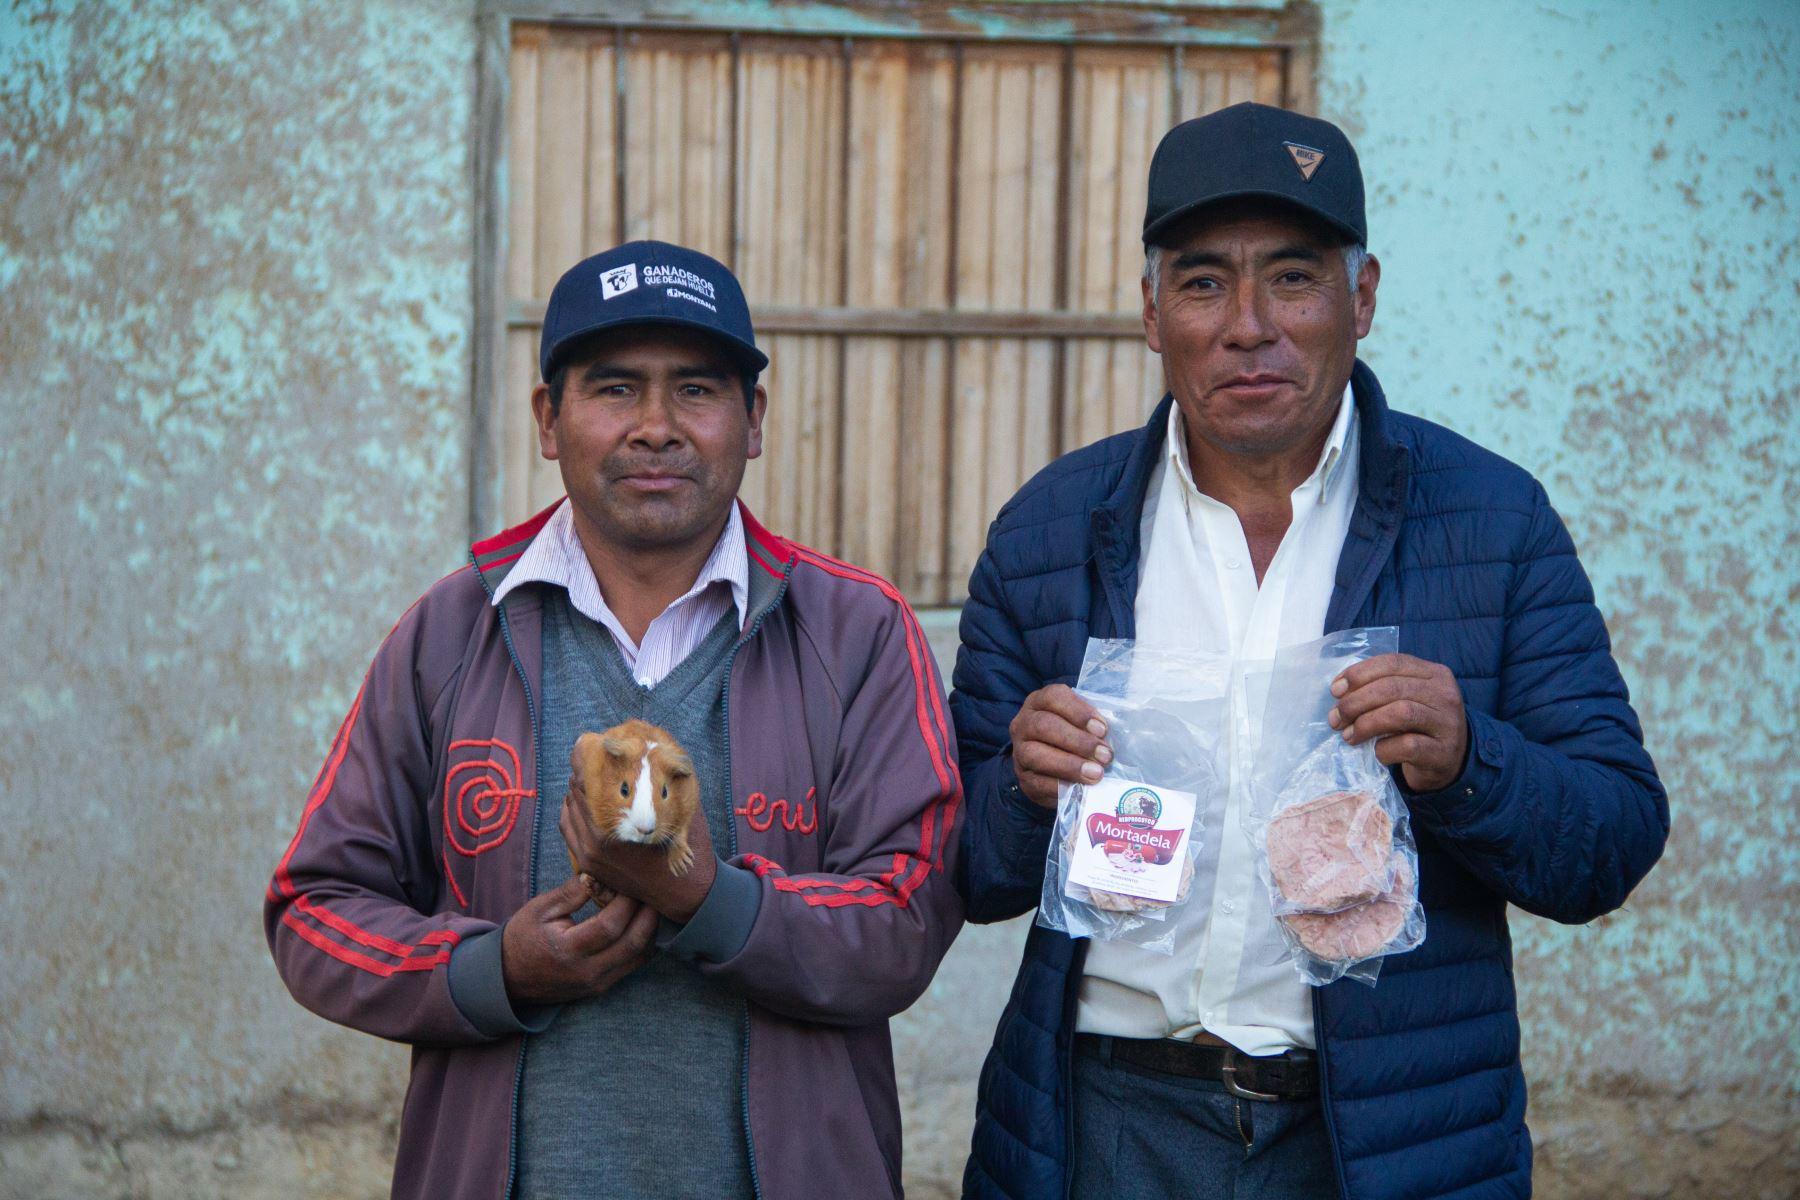 Conoce los innovadores productos derivados del cuy que elaboran agricultores de Cajamarca para combatir la anemia infantil y generar ingresos.